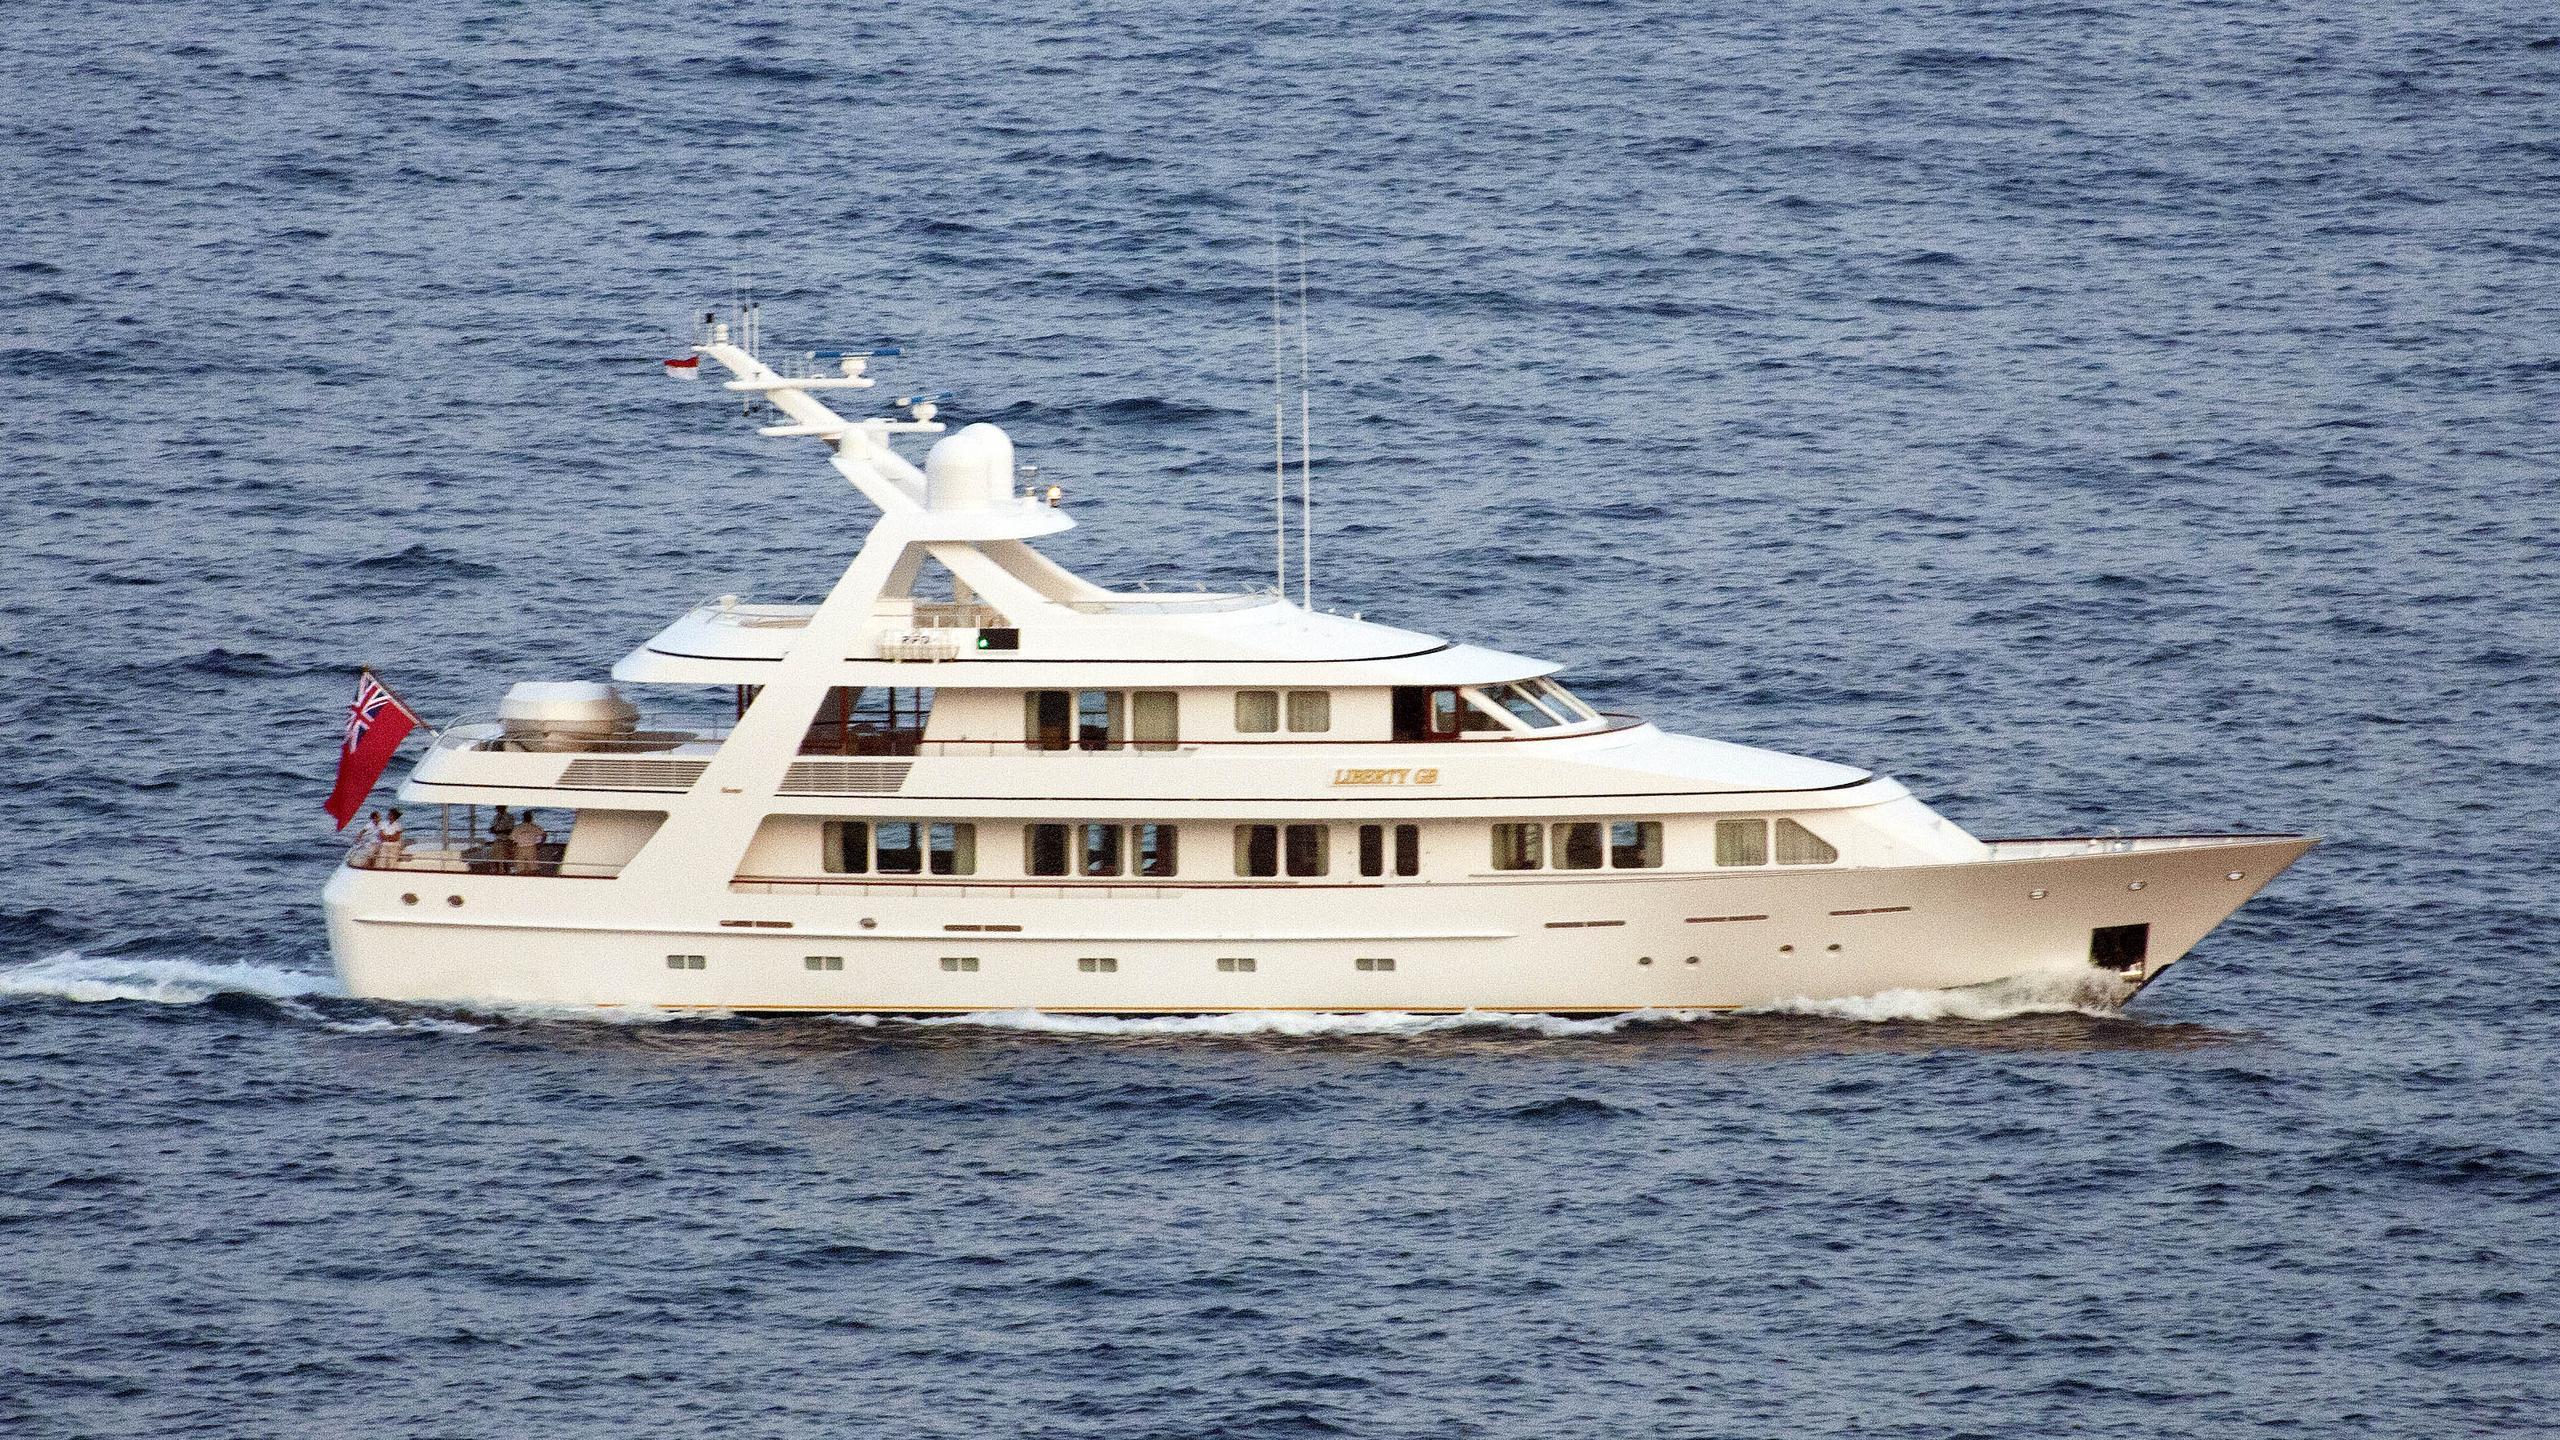 corinthian-motor-yacht-feadship-1997-39m-cruising